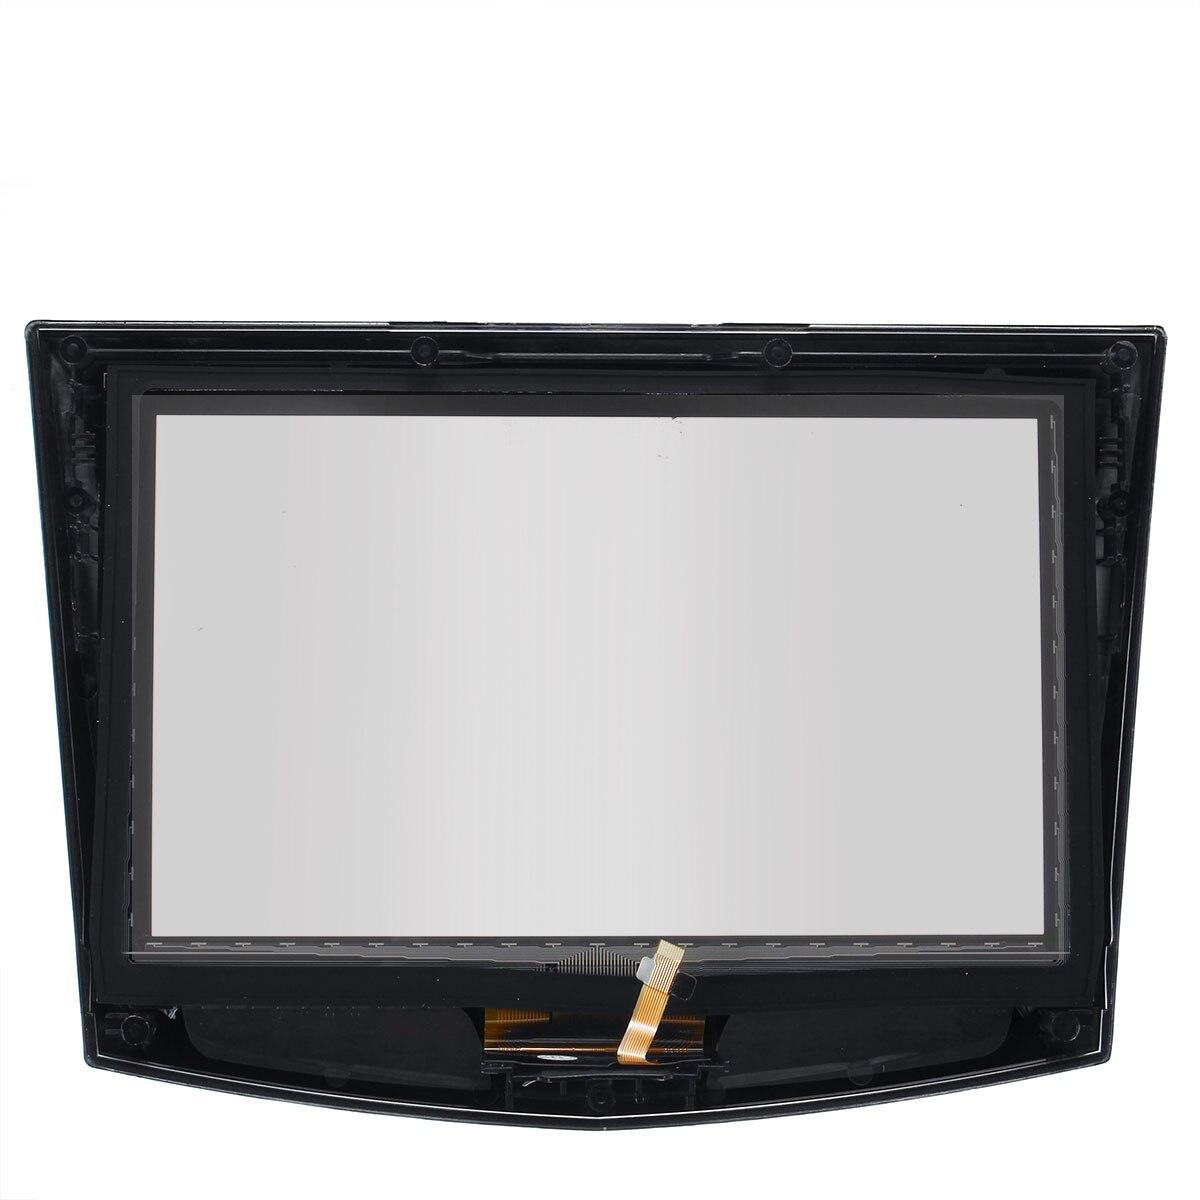 Пластик и стекло для сенсорного экрана для Cadillac Escalade ats, CTS SRX XTS CUE 2013-2017 sense для сенсорный дисплей, цифровой